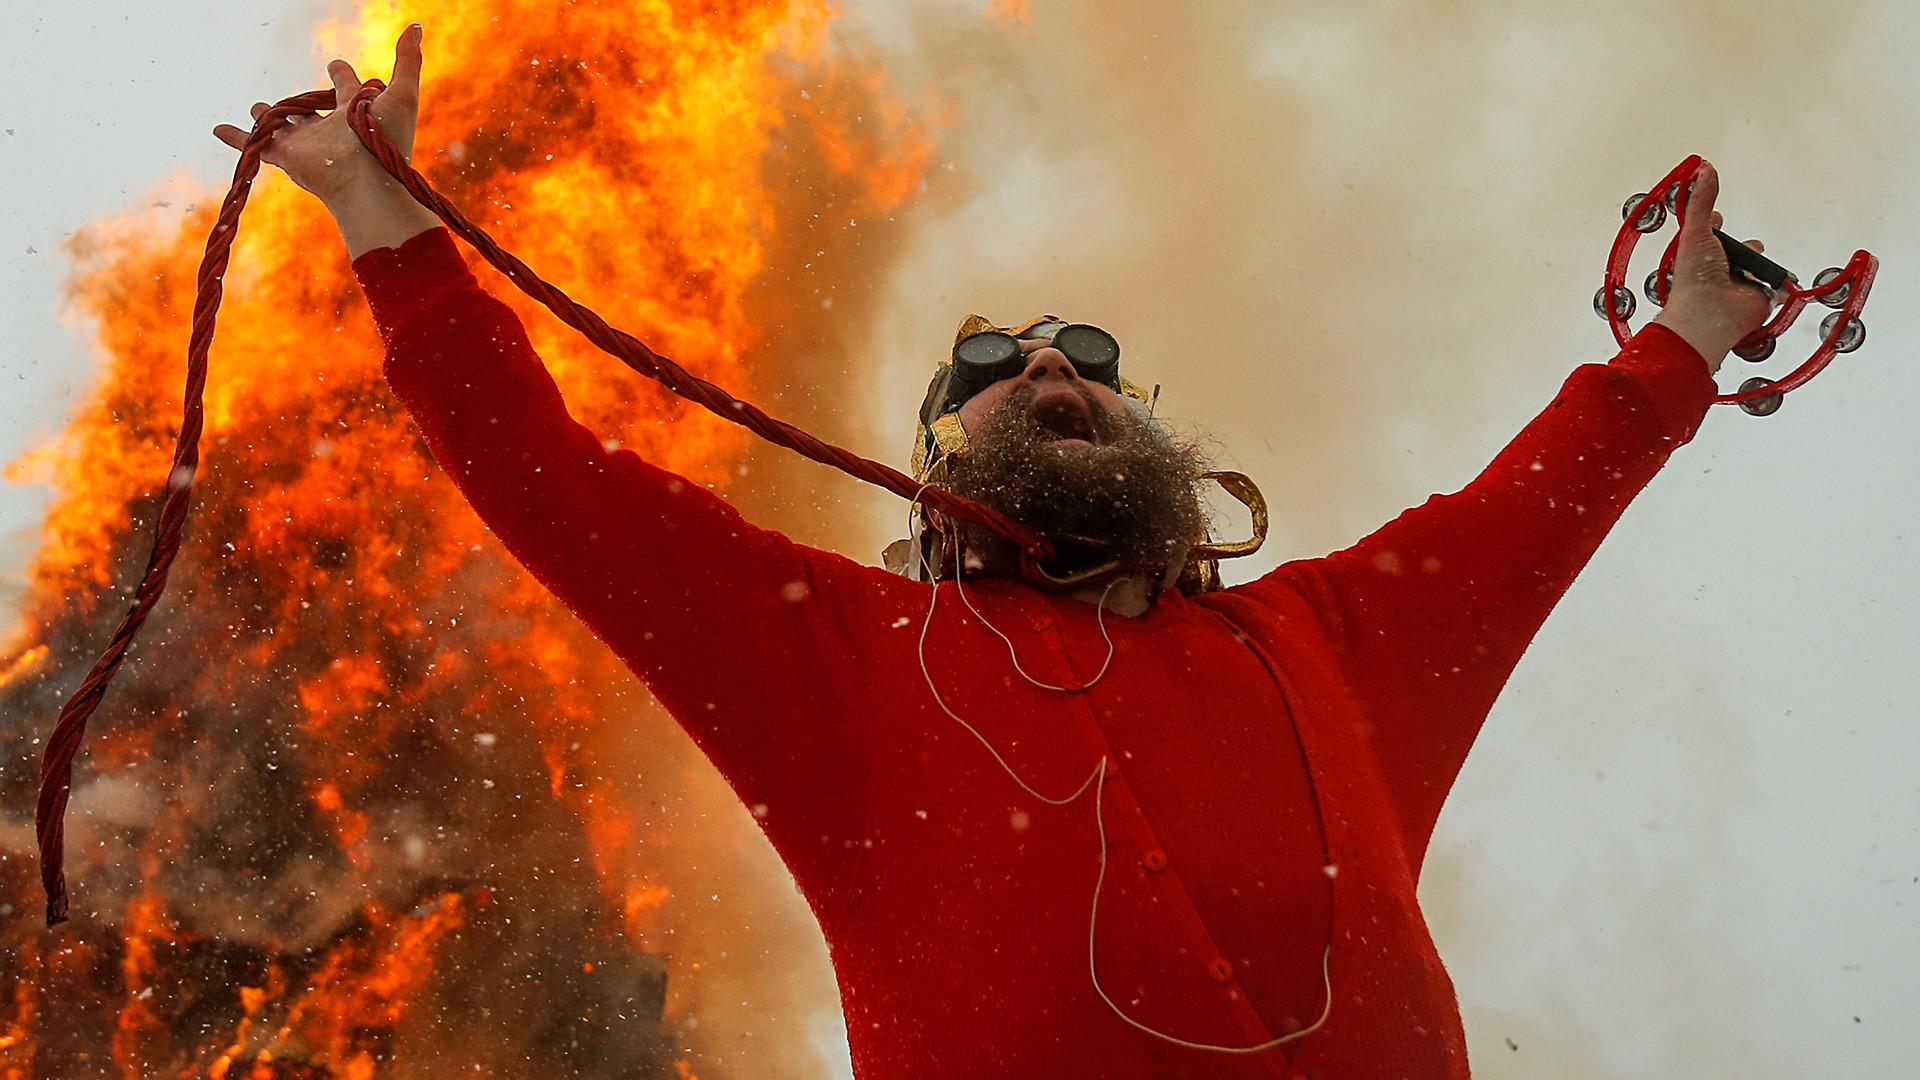 Уметникот Герман Виноградов учествува во претстава посветена на Масленица, паганскиот празник со кој се одбележува крајот на зимата, во селото Никола-Ленивец во Калушката област.